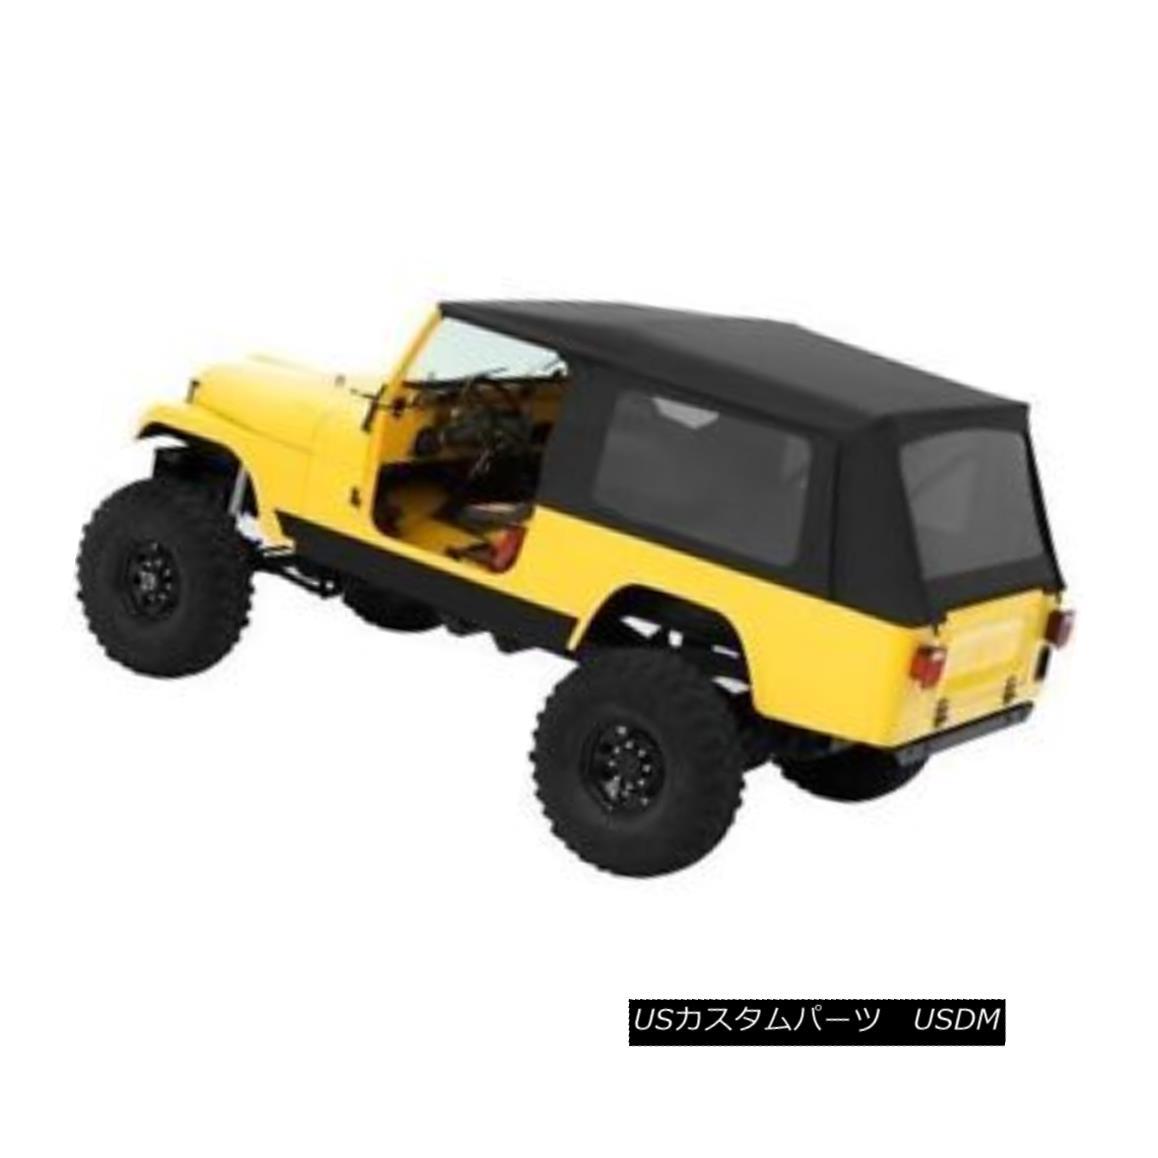 幌・ソフトトップ Bestop Classic Supertop 81-85 CJ-8 Scrambler Doors Tint Windows Black Denim Bestop Classic Supertop 81-85 CJ-8スクランブラドアティントウィンドウブラックデニム